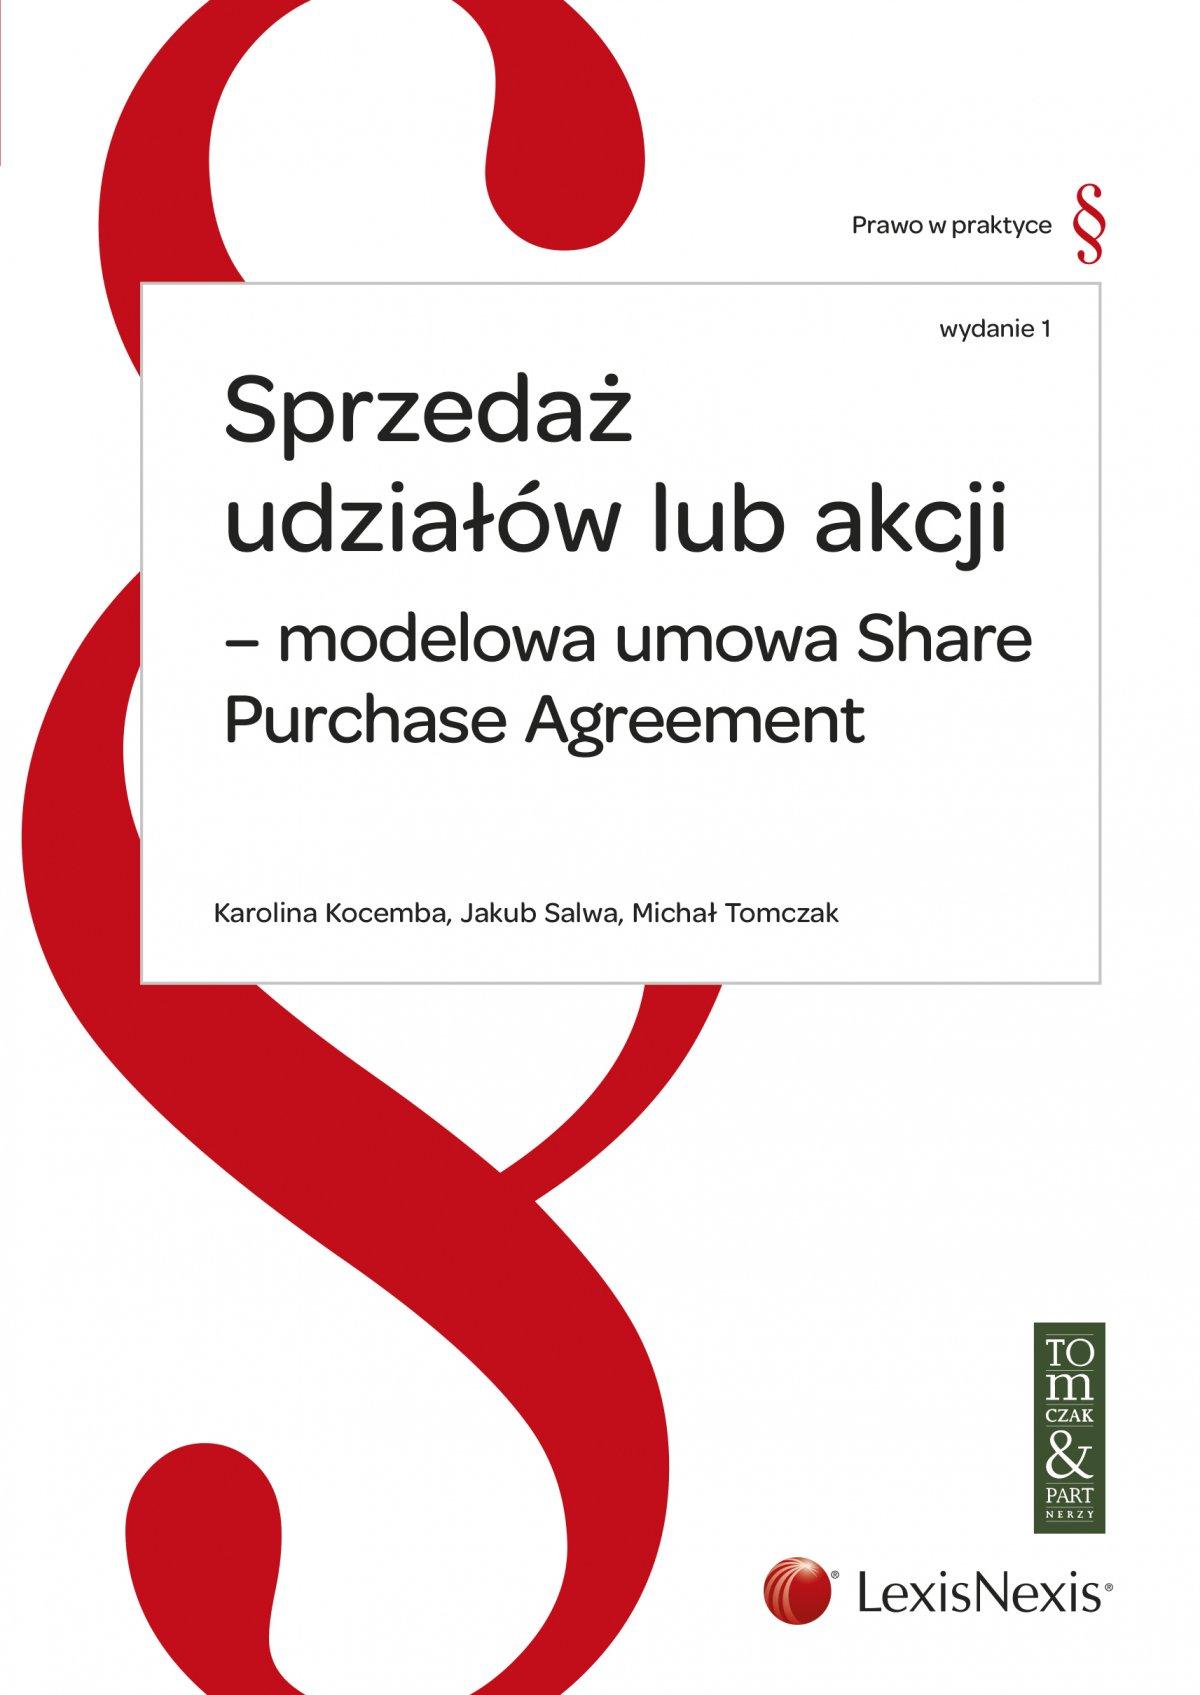 Sprzedaż udziałów lub akcji – modelowa umowa Share Purchase Agreement. Wydanie 1 - Ebook (Książka EPUB) do pobrania w formacie EPUB